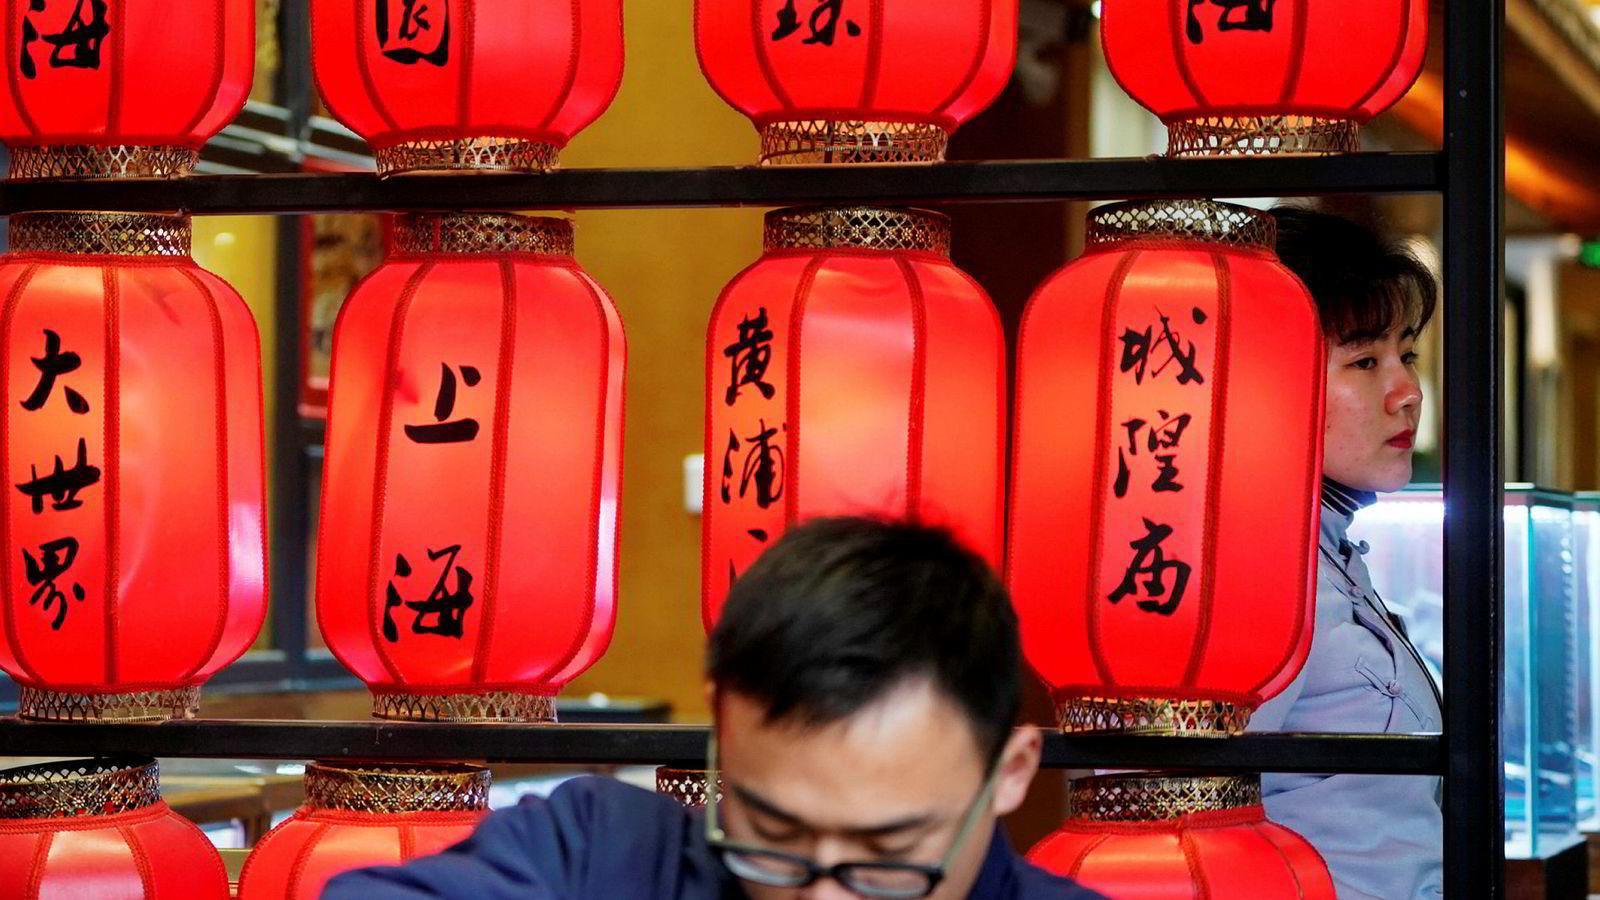 Kina tok fri i forrige uke i forbindelse med nyttårsfeiringen. Mange selskaper sliter og det ventes rekordstore mislighold de neste månedene av gjeld som har forfall.